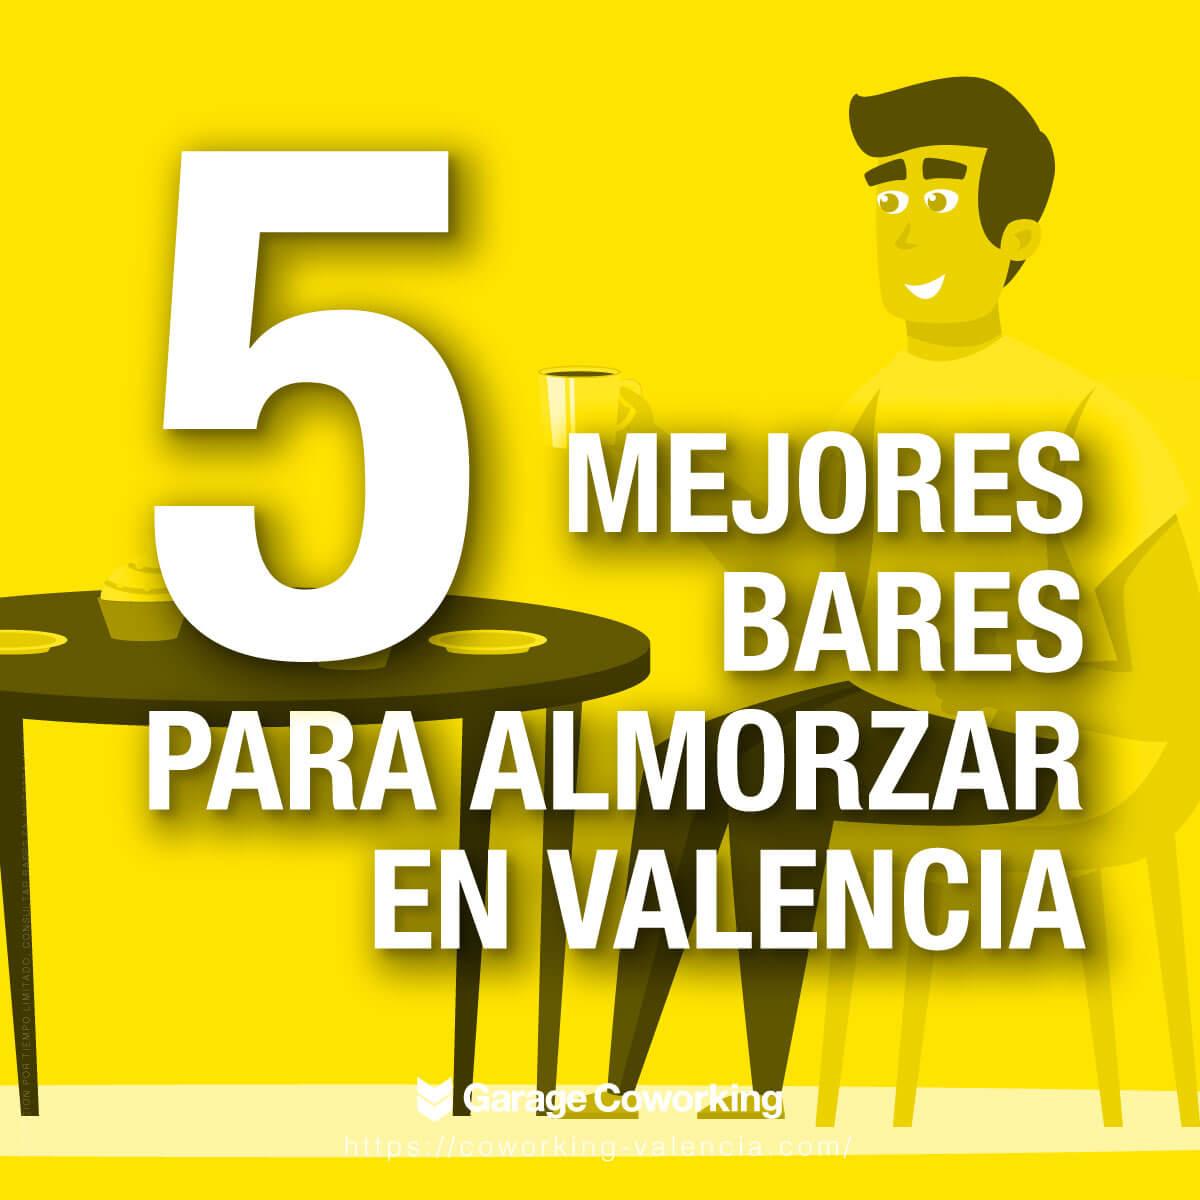 5 bares para almorzar valencia